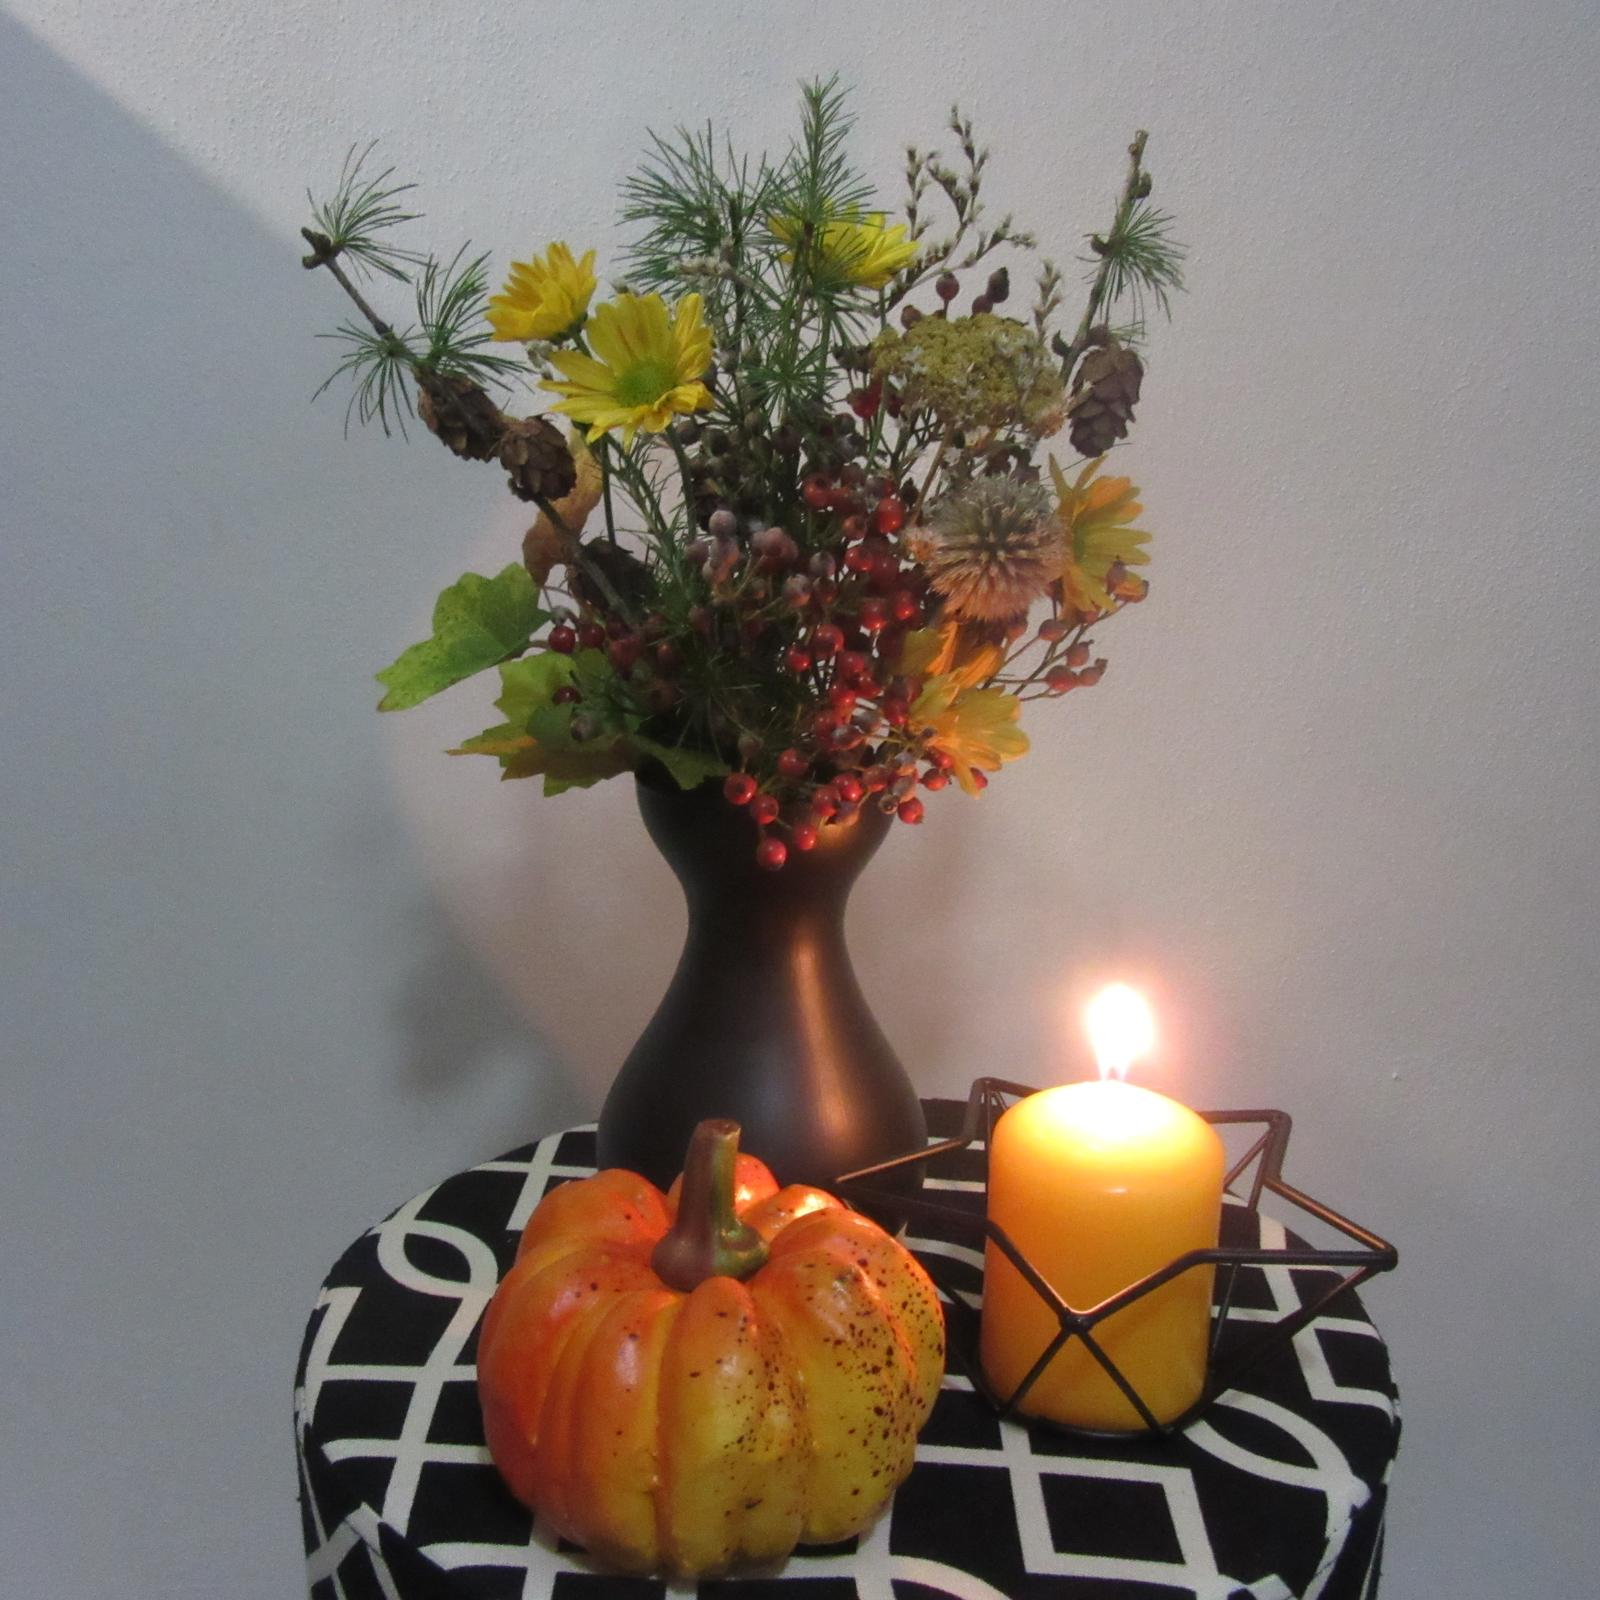 Podzim u nás - Obrázek č. 25